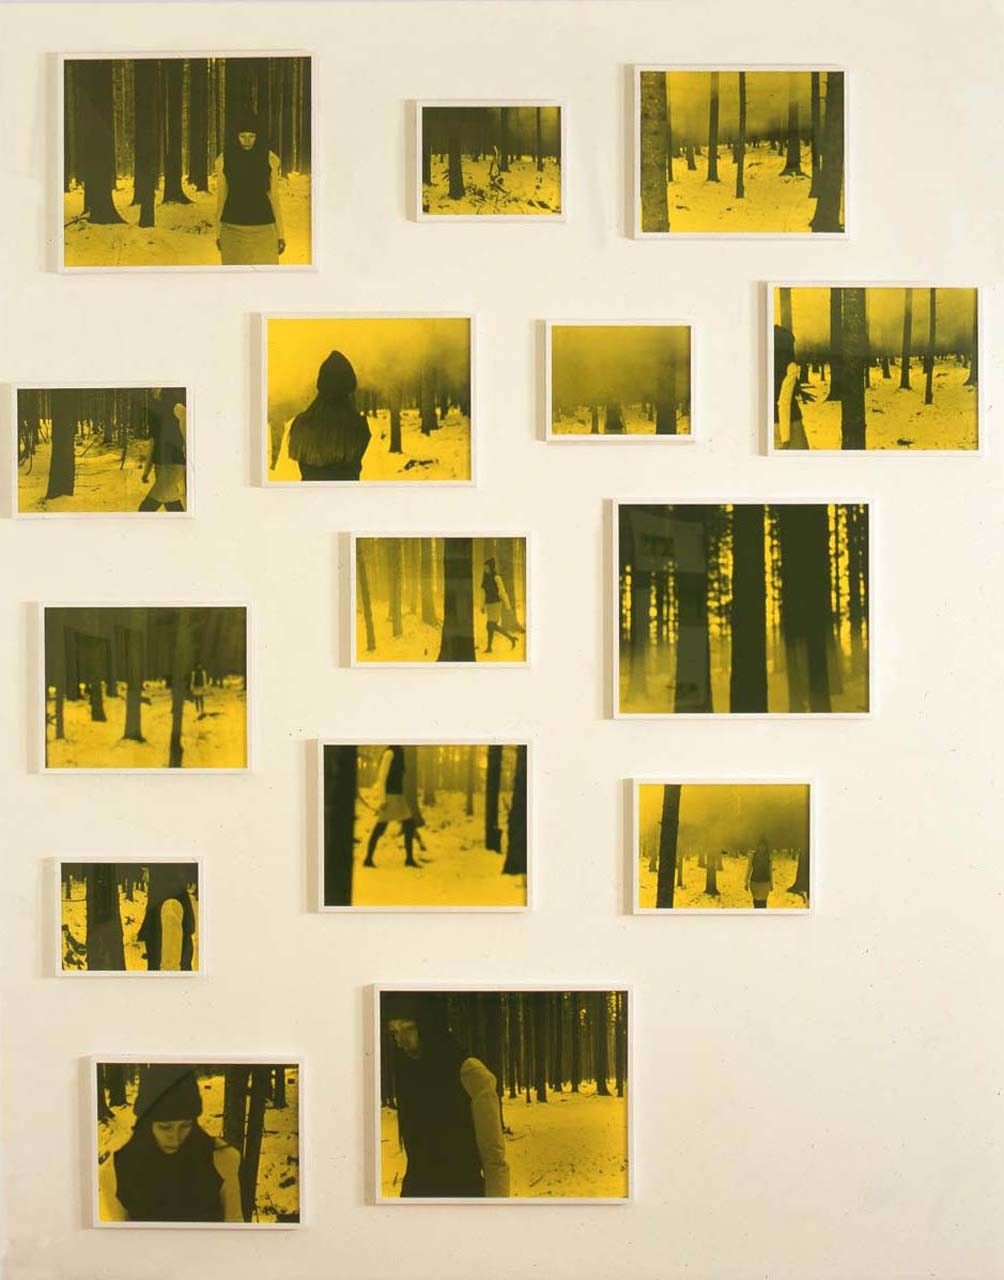 """<div class=""""artwork_caption""""><p>Einundzwanzigseroktoberneunzehmhundertneunundneunzig, 1999</p></div>"""